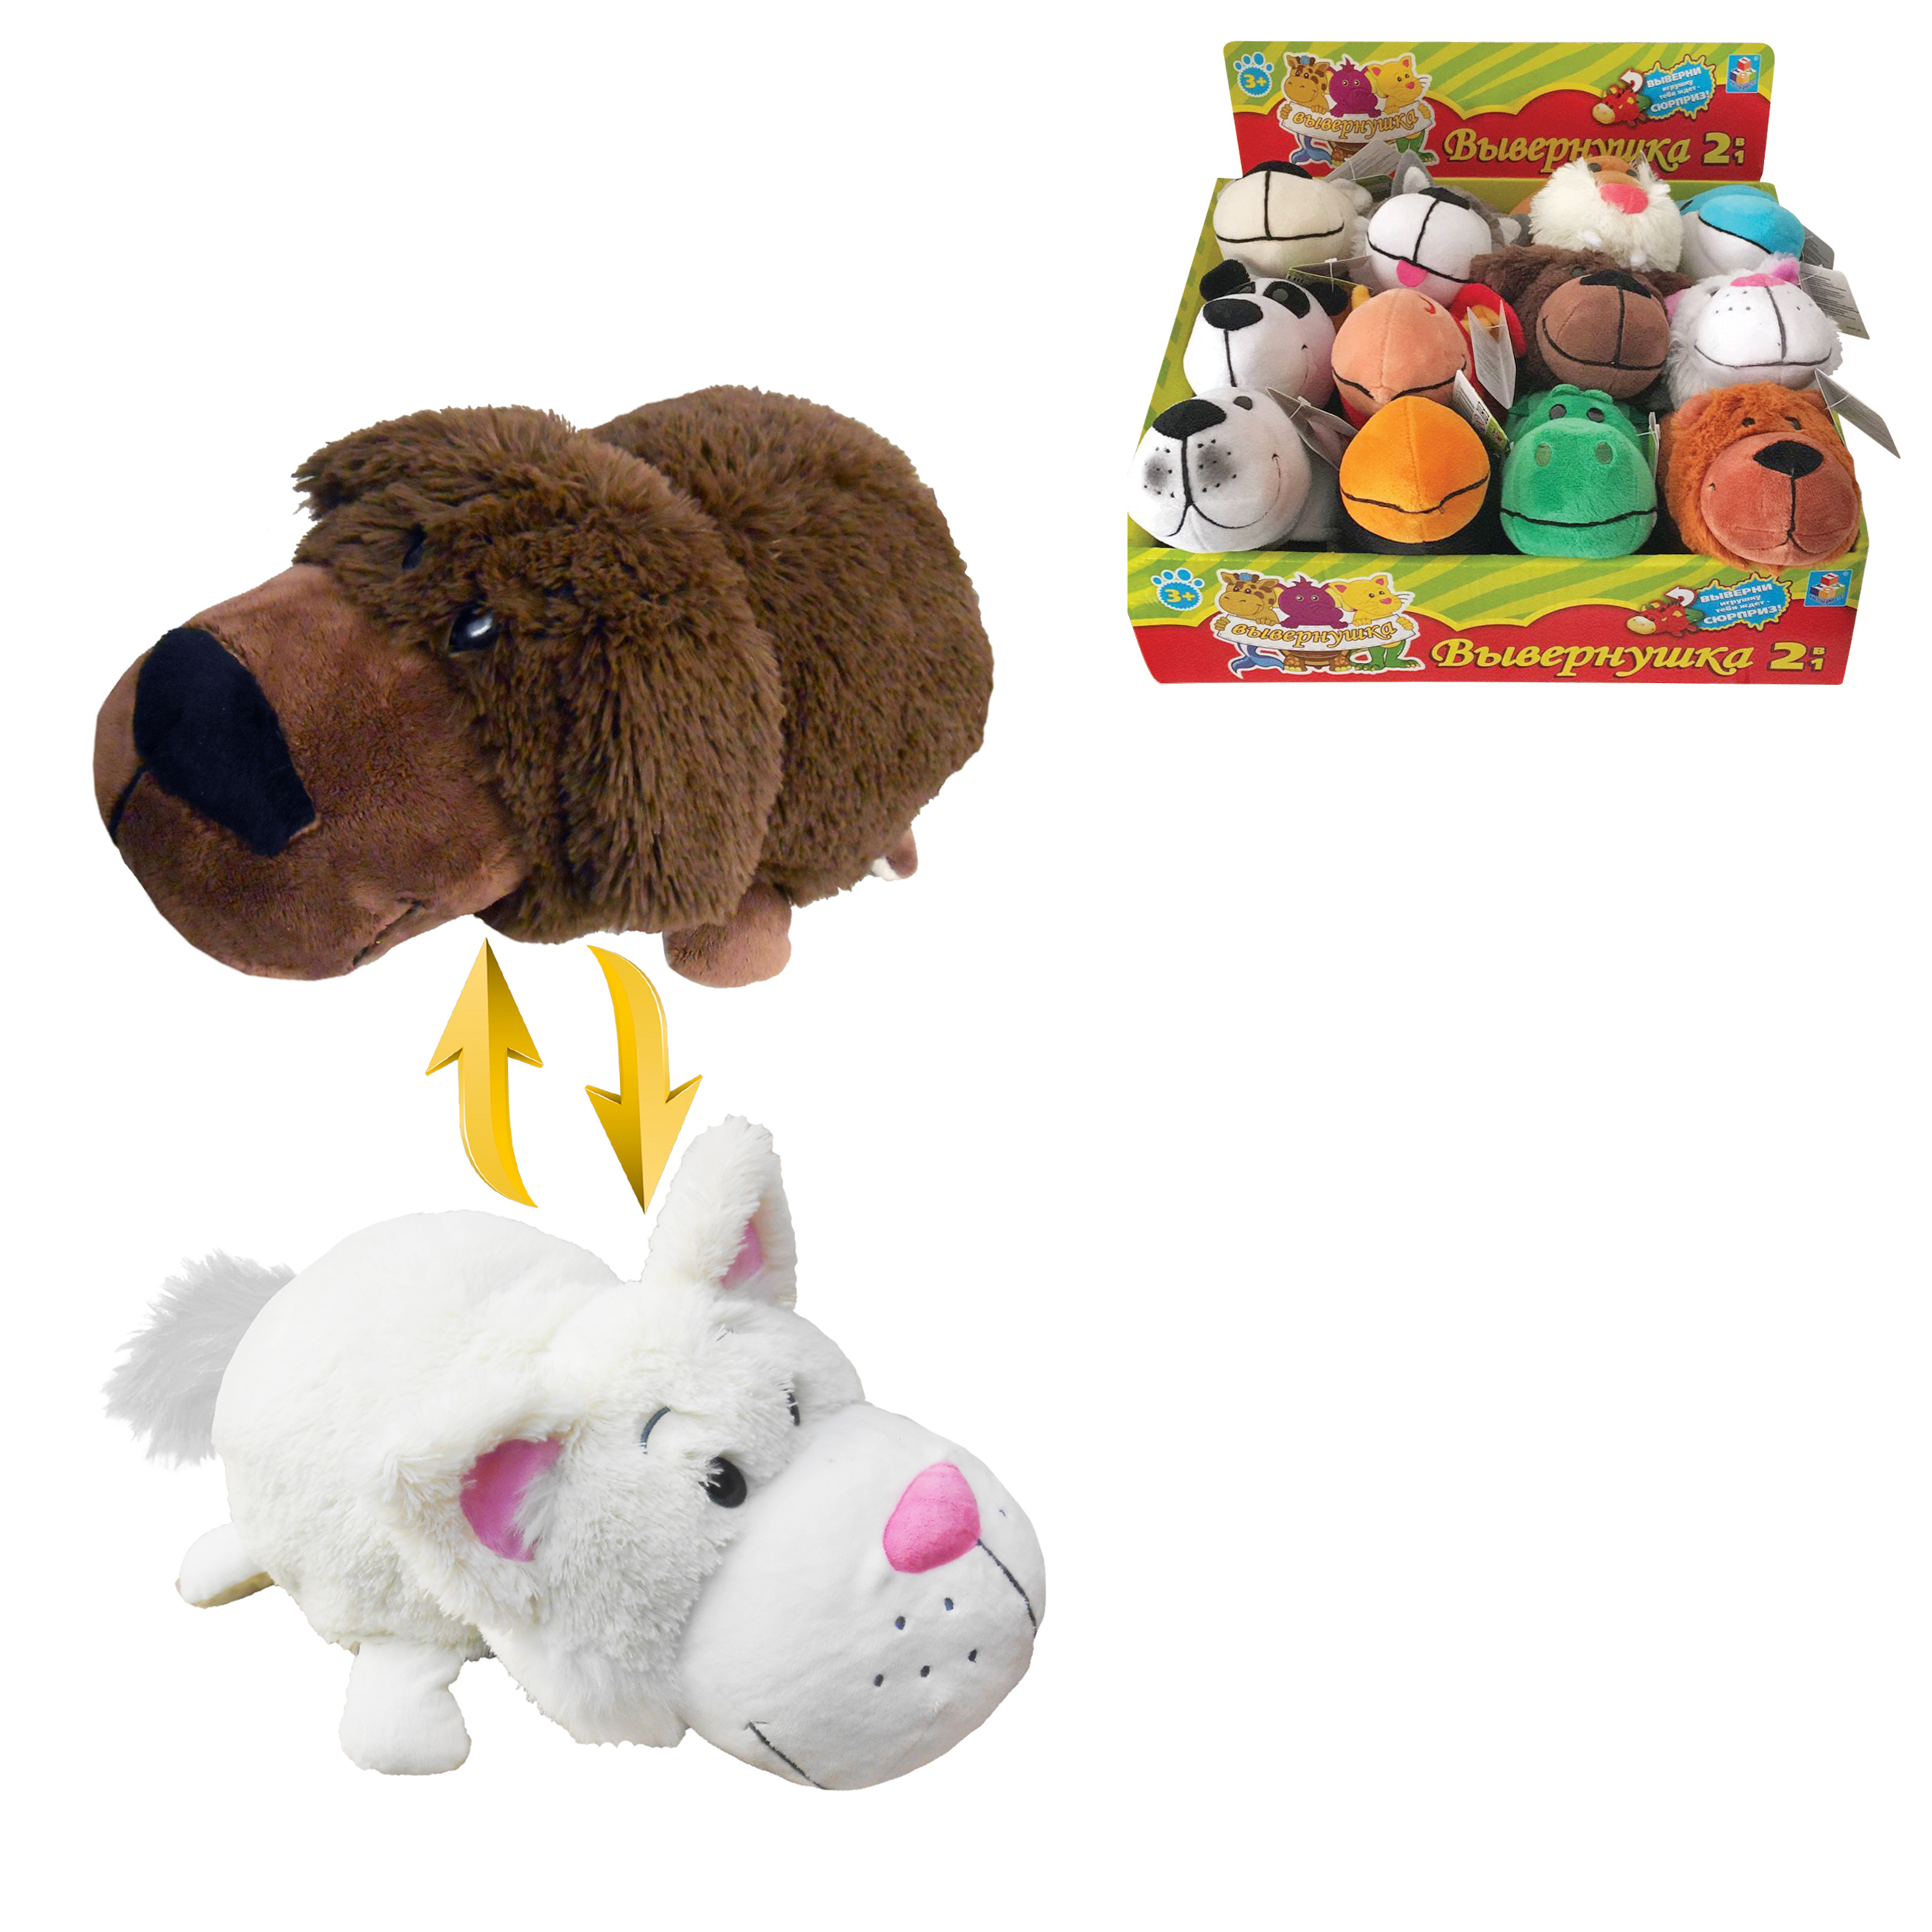 Мягкие игрушки 1toy Мягкая игрушка 1Toy «Вывернушка» 20 см в асс. игрушка 1toy robopets королевская кобра т11395